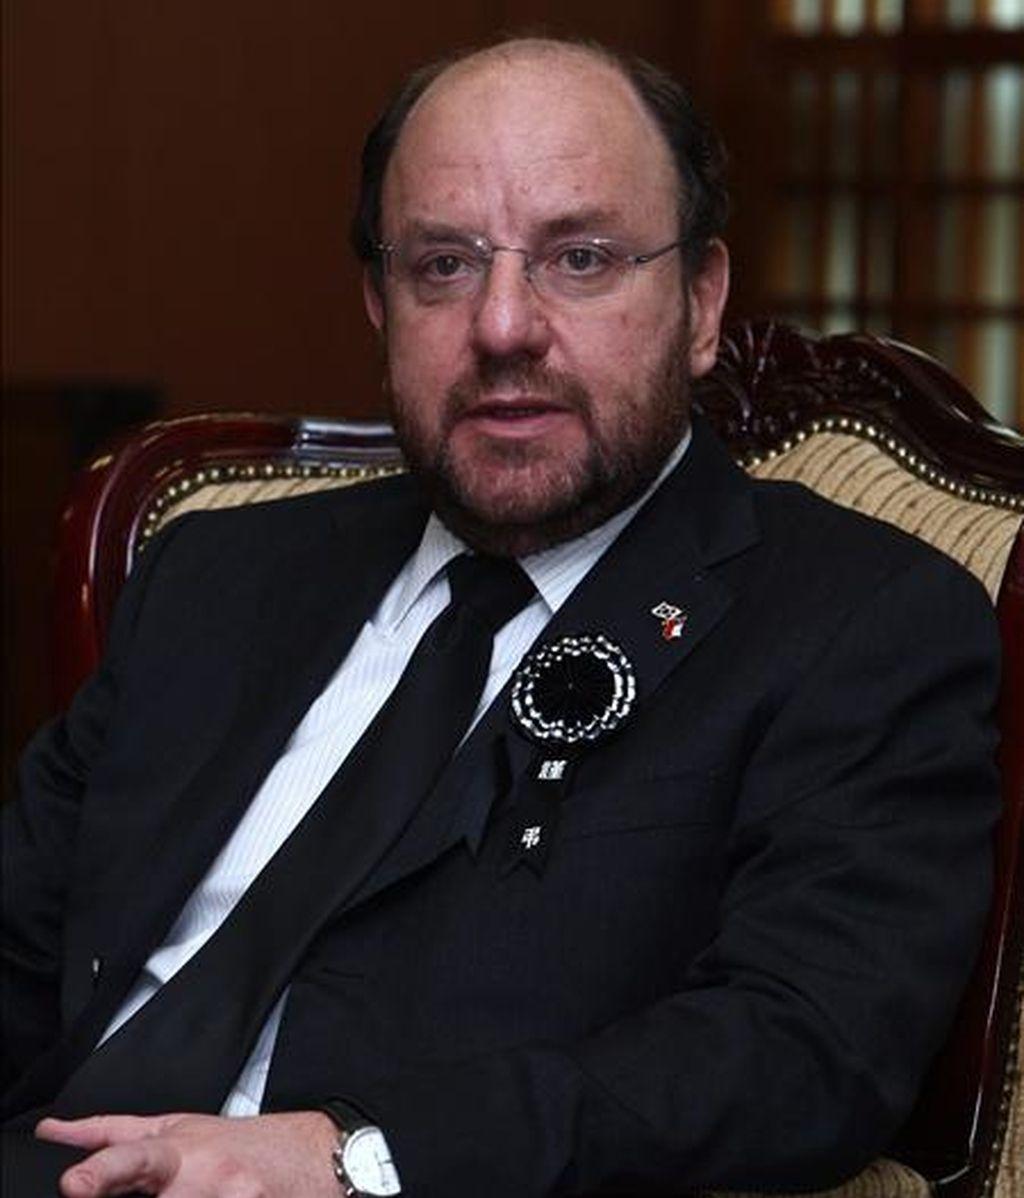 """El ministro de Relaciones Exteriores, Alfredo Moreno, afirmó """"que Chile está dispuesto a colaborar en estas situaciones"""", pese a que aún no ha recibido ninguna petición al respecto. EFE/Archivo"""